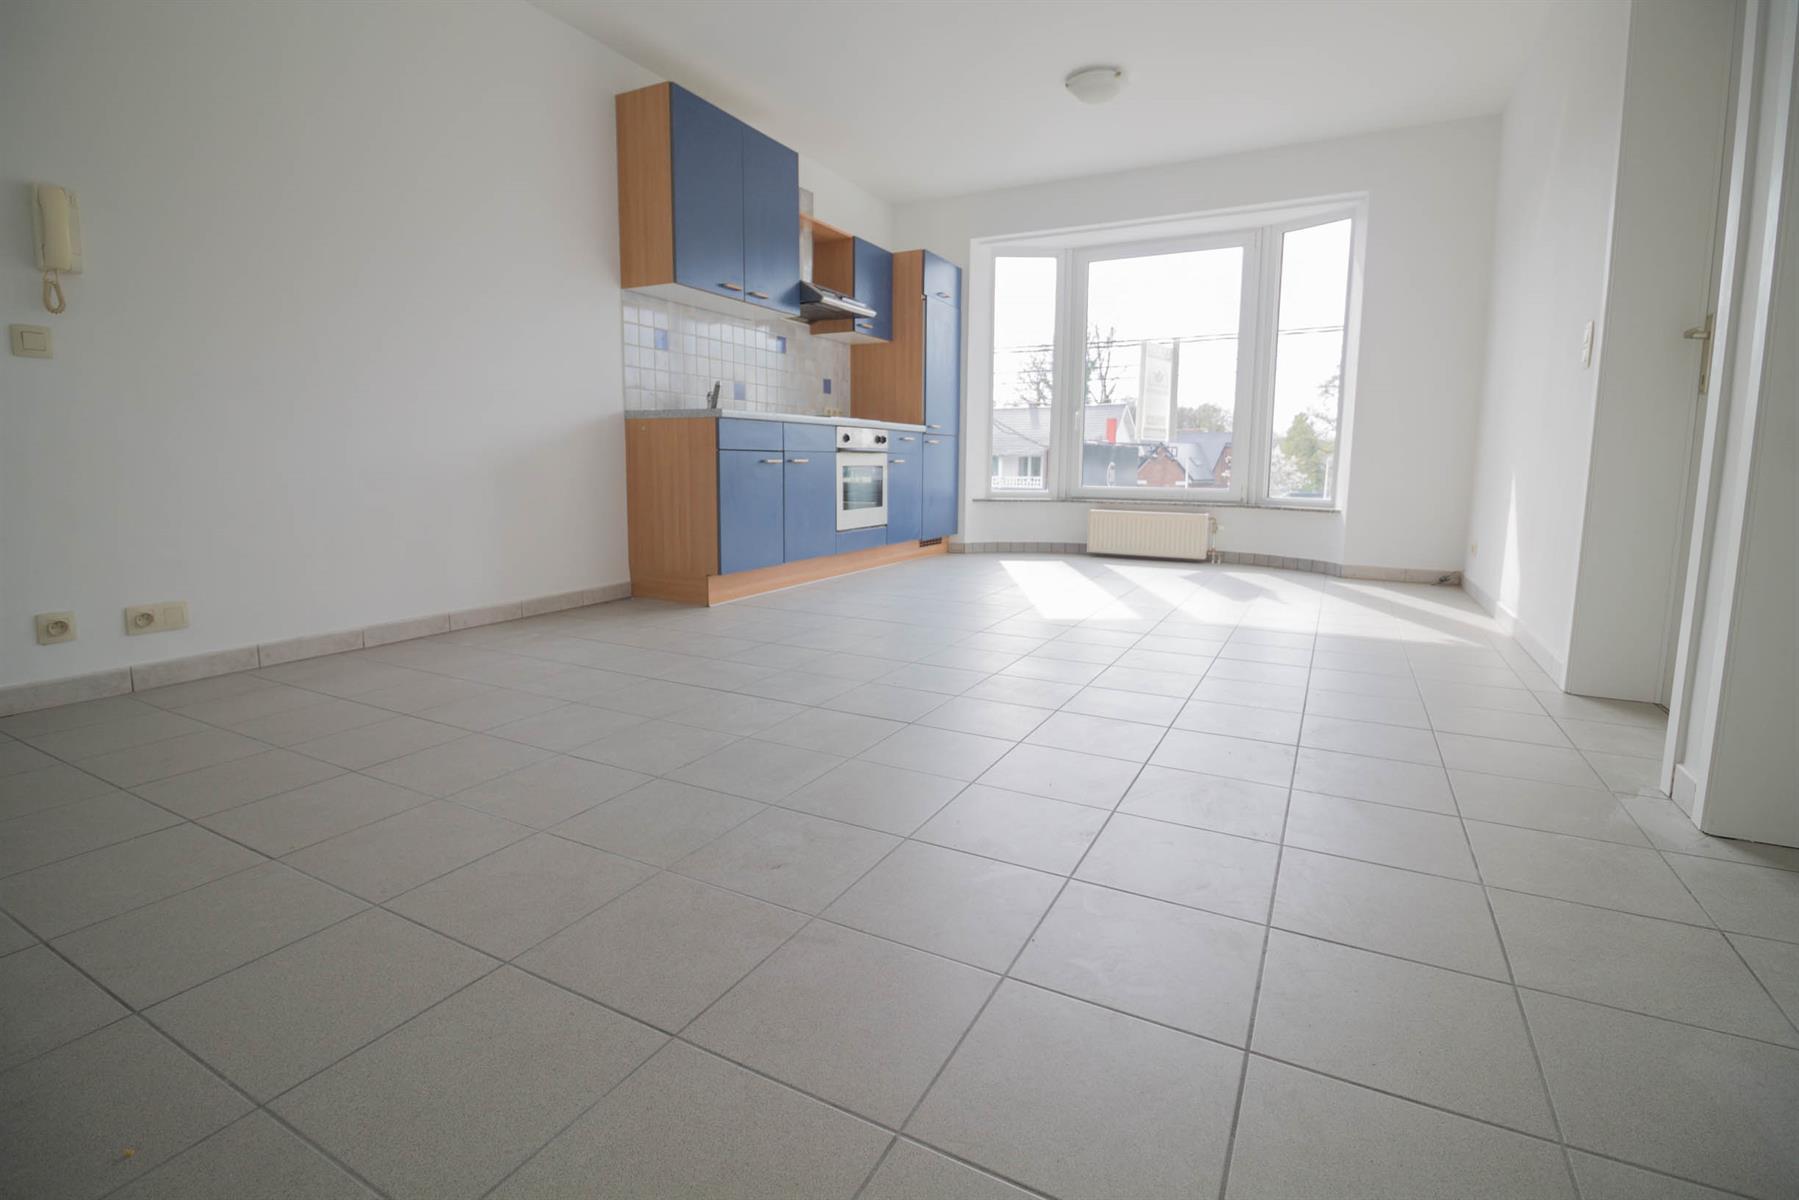 Appartement - Montigny-le-Tilleul - #4349715-5